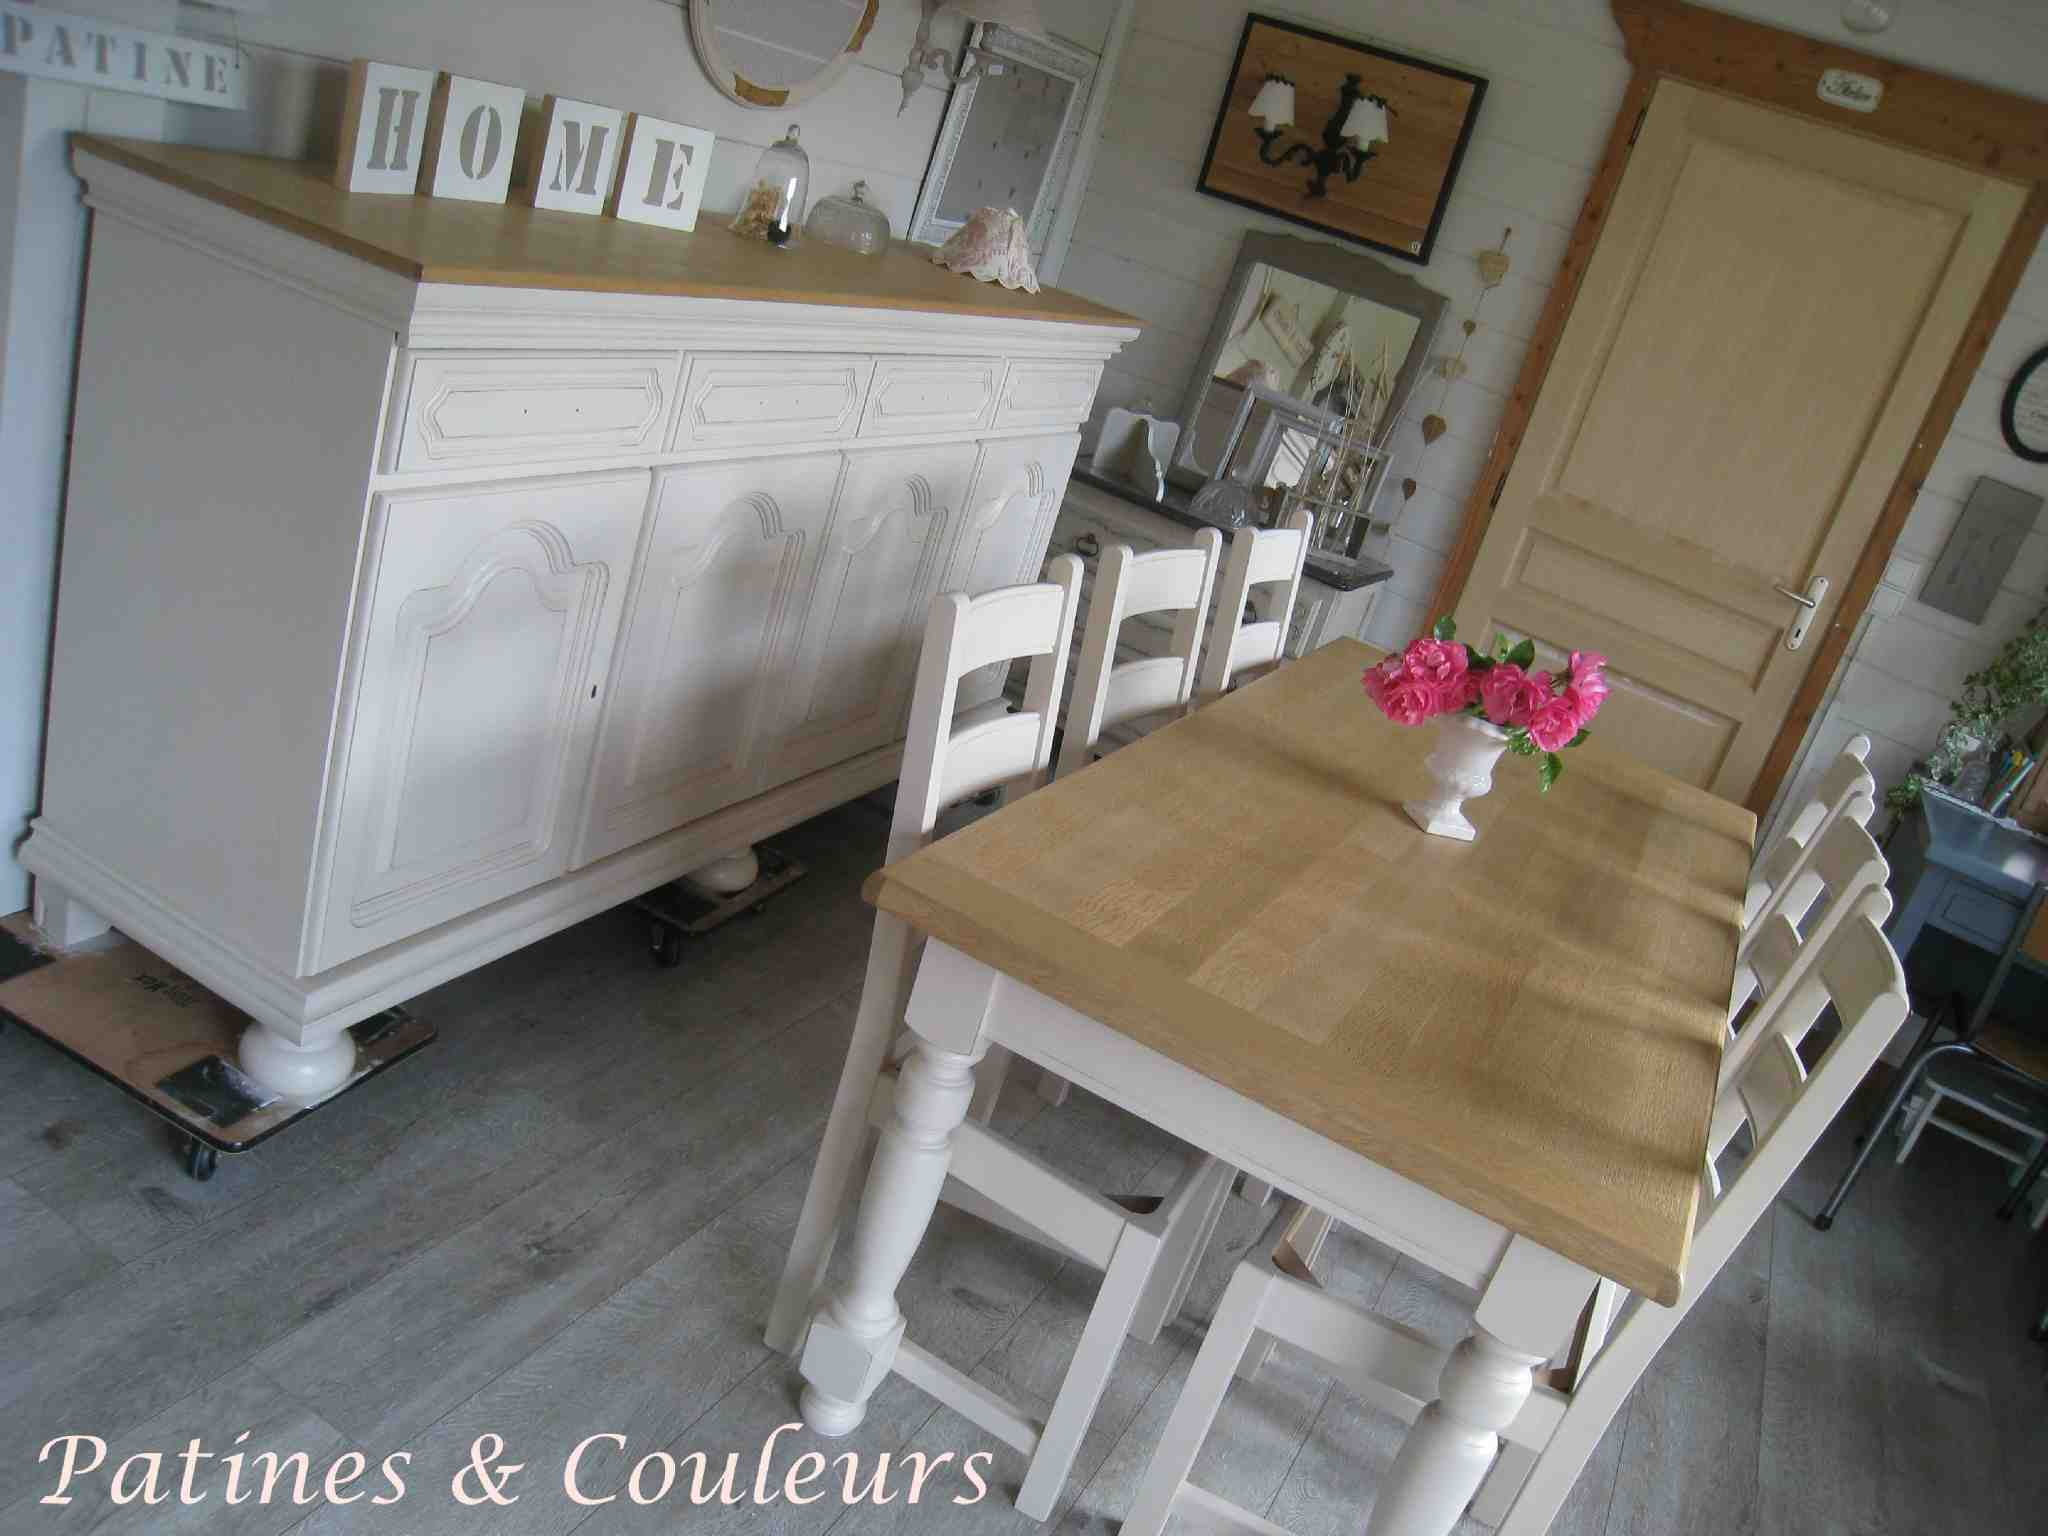 Comment moderniser une salle à manger en bois ?